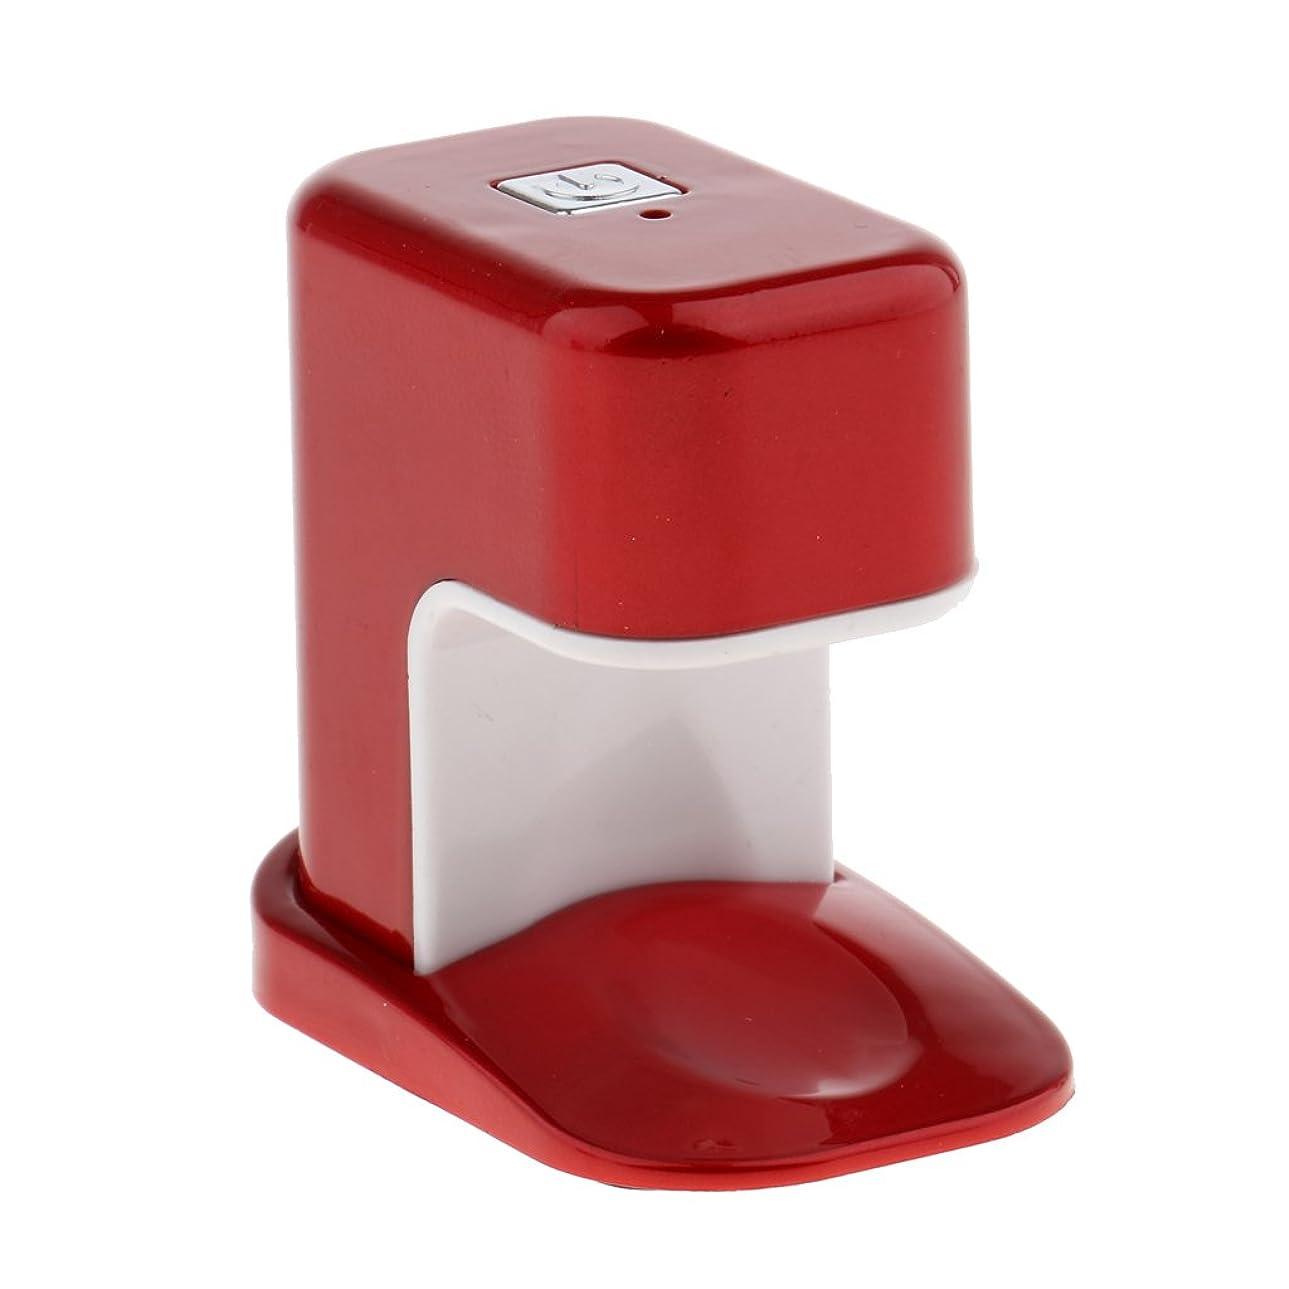 干し草しがみつくズームPerfk ネイルドライヤー USBケーブル ミニ ABS製 3W LED電球 ランプ ポケット アクリル UV マニキュア ネイルサロン 3タイプ選べ - 赤